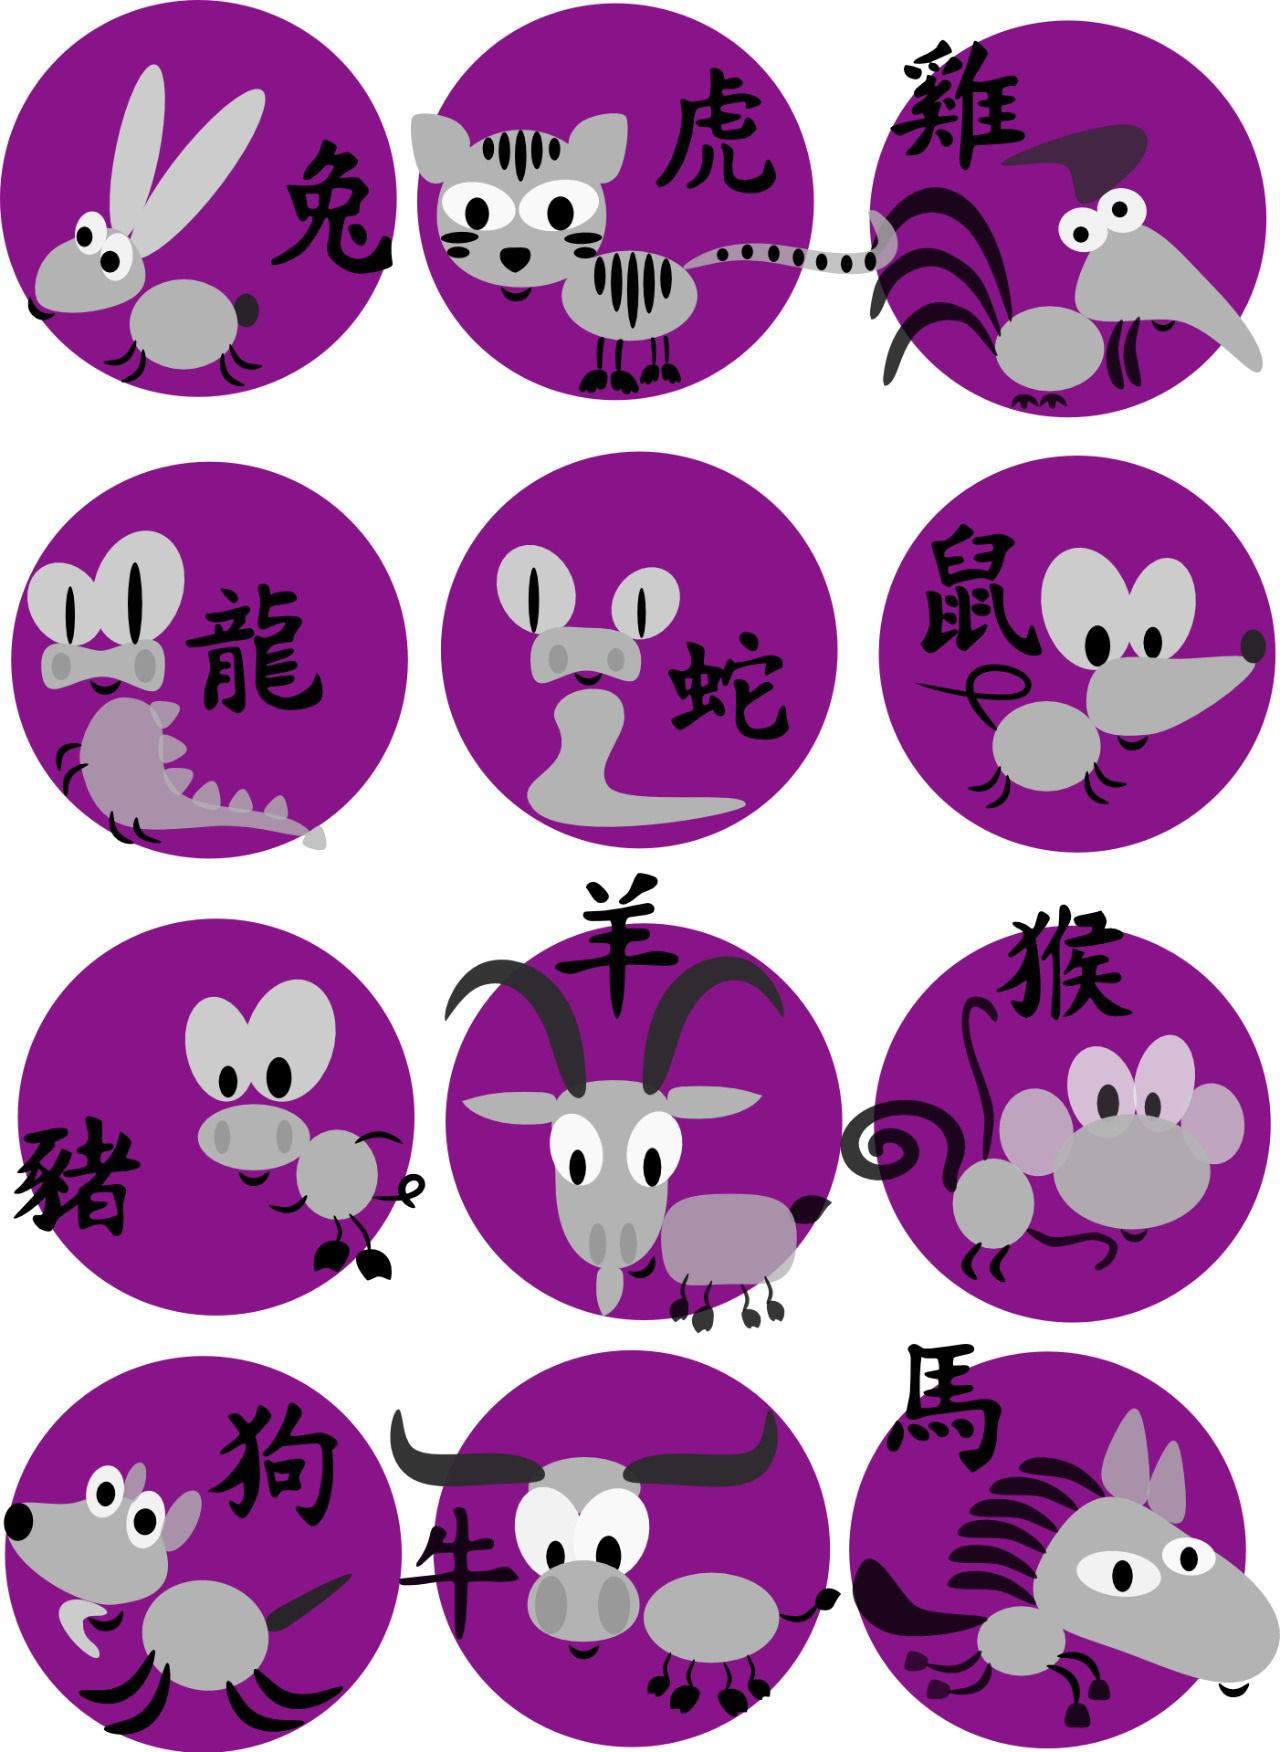 Calendario Chino.Horoscopo Chino Que Animal Eres Y Descubre Tus Predicciones